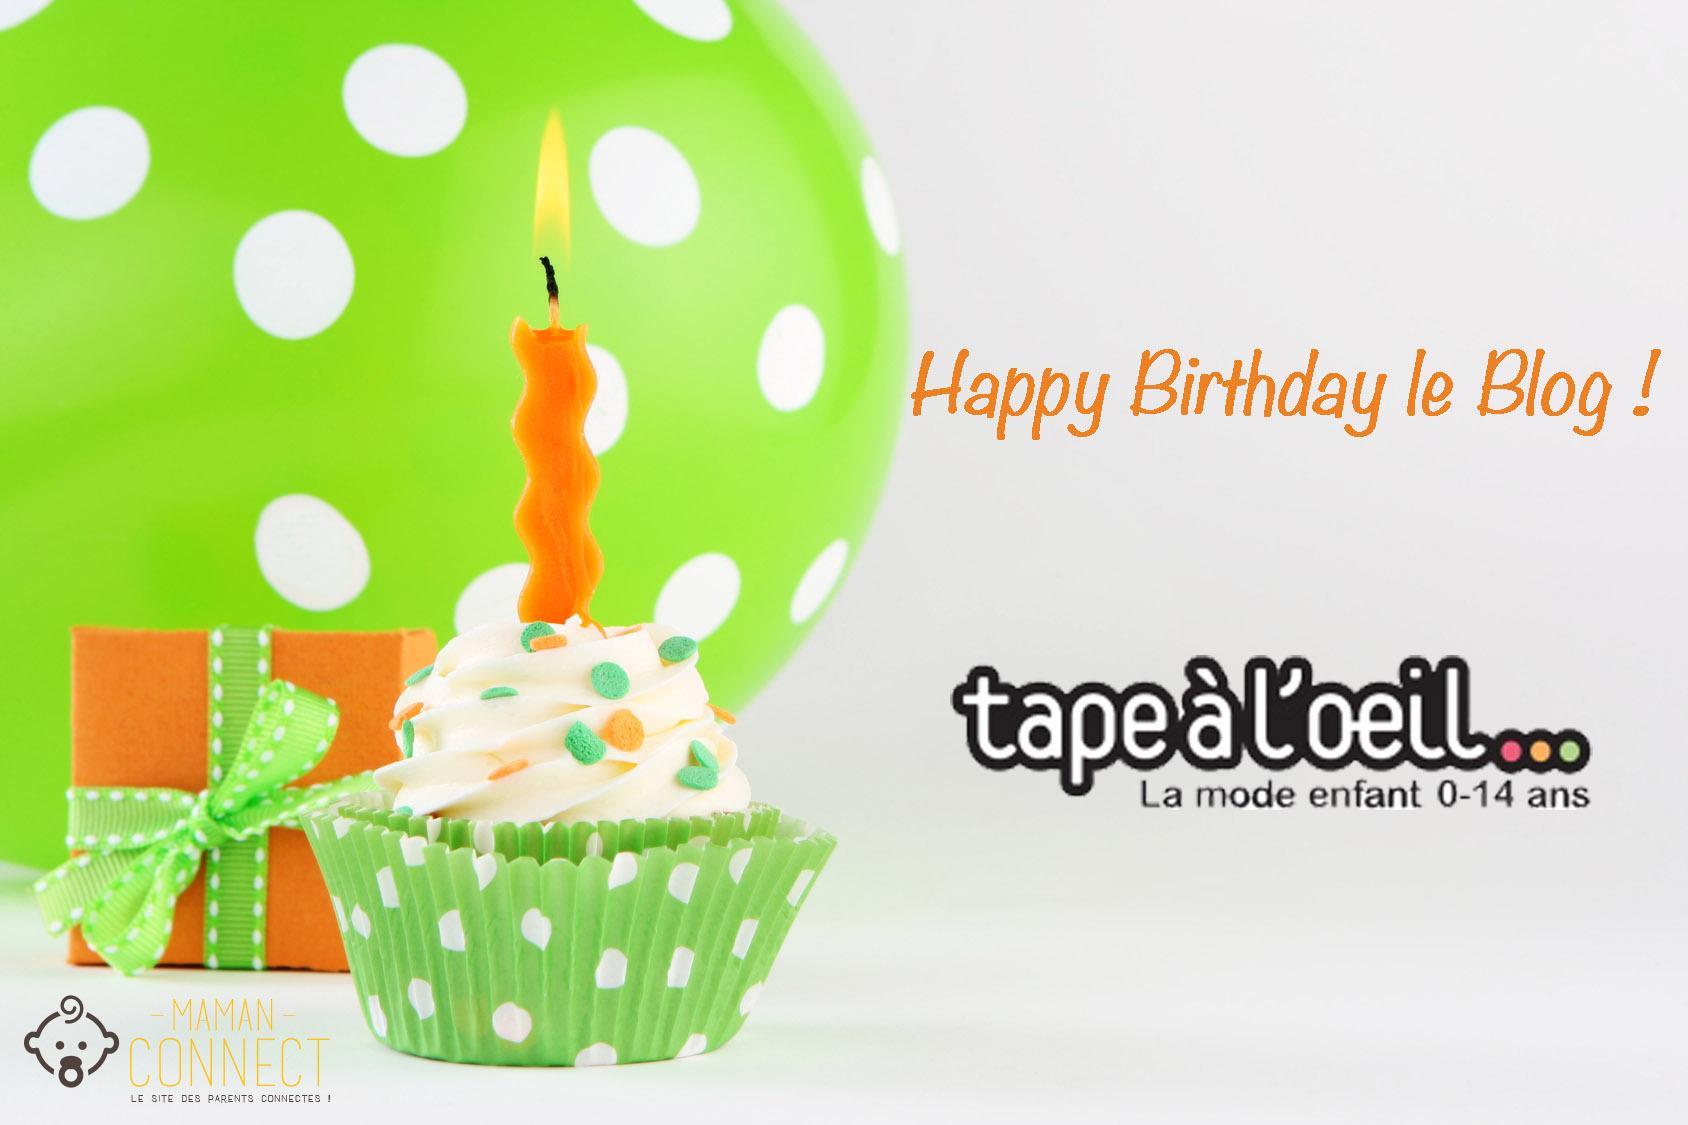 birthday cupcake anniversaire blog TAO